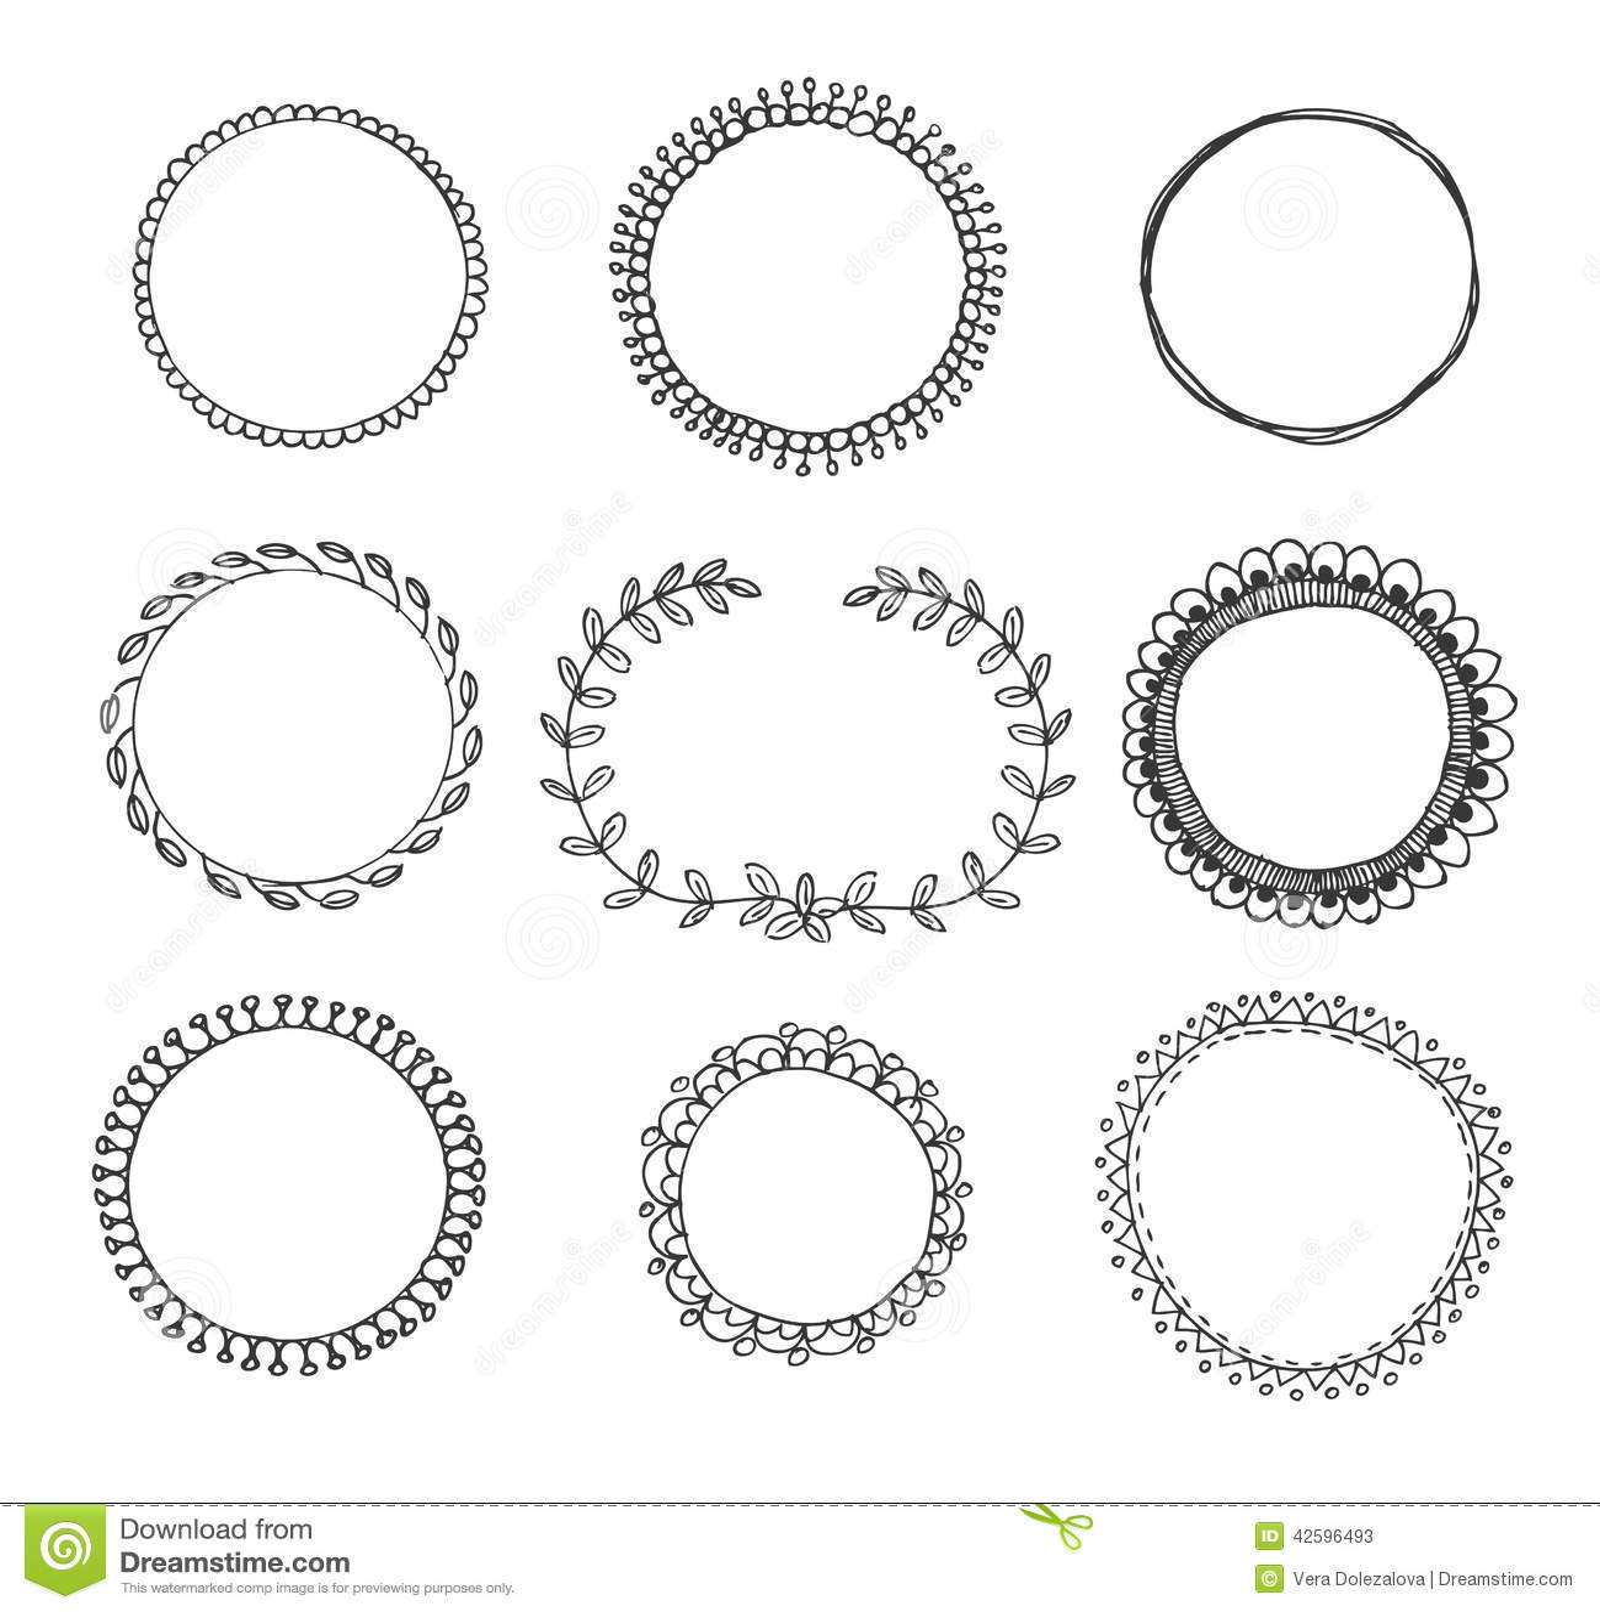 Von Hand Gezeichnete Kreisrahmen Vektor Abbildung - Illustration von ...